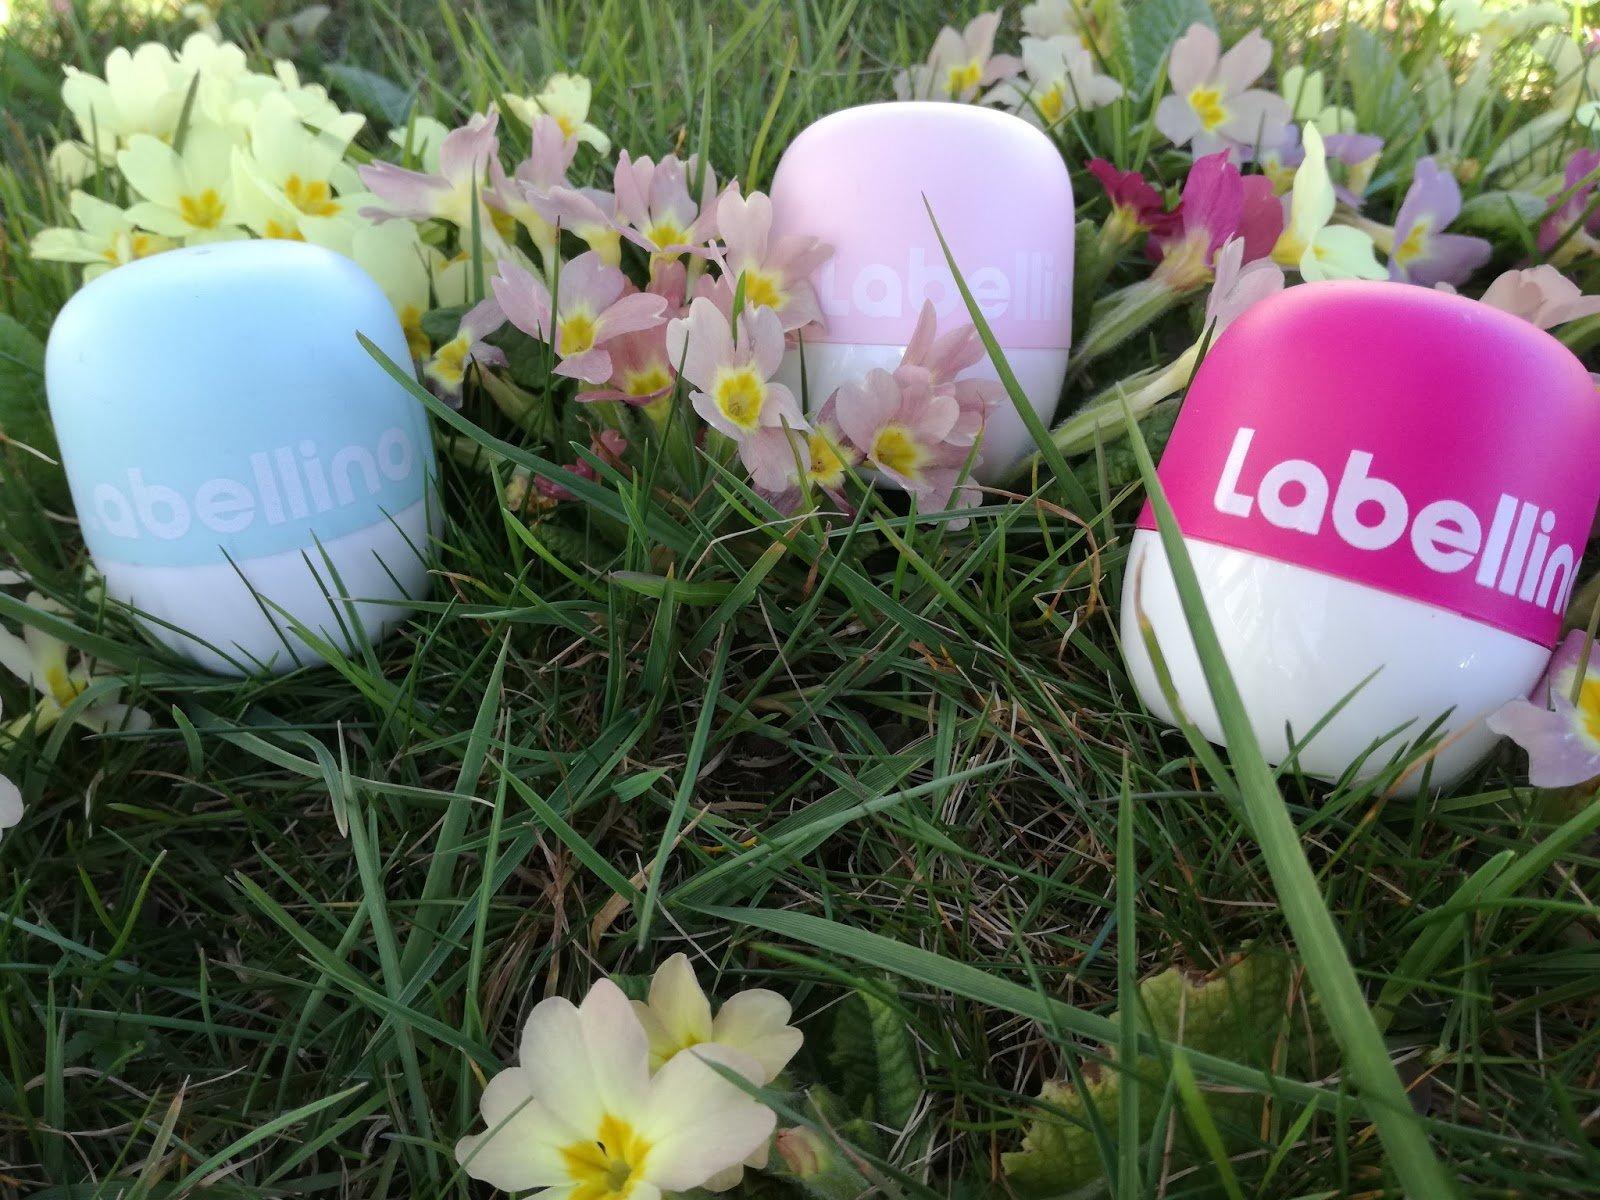 Sladke pomladne ustnice z Labellino